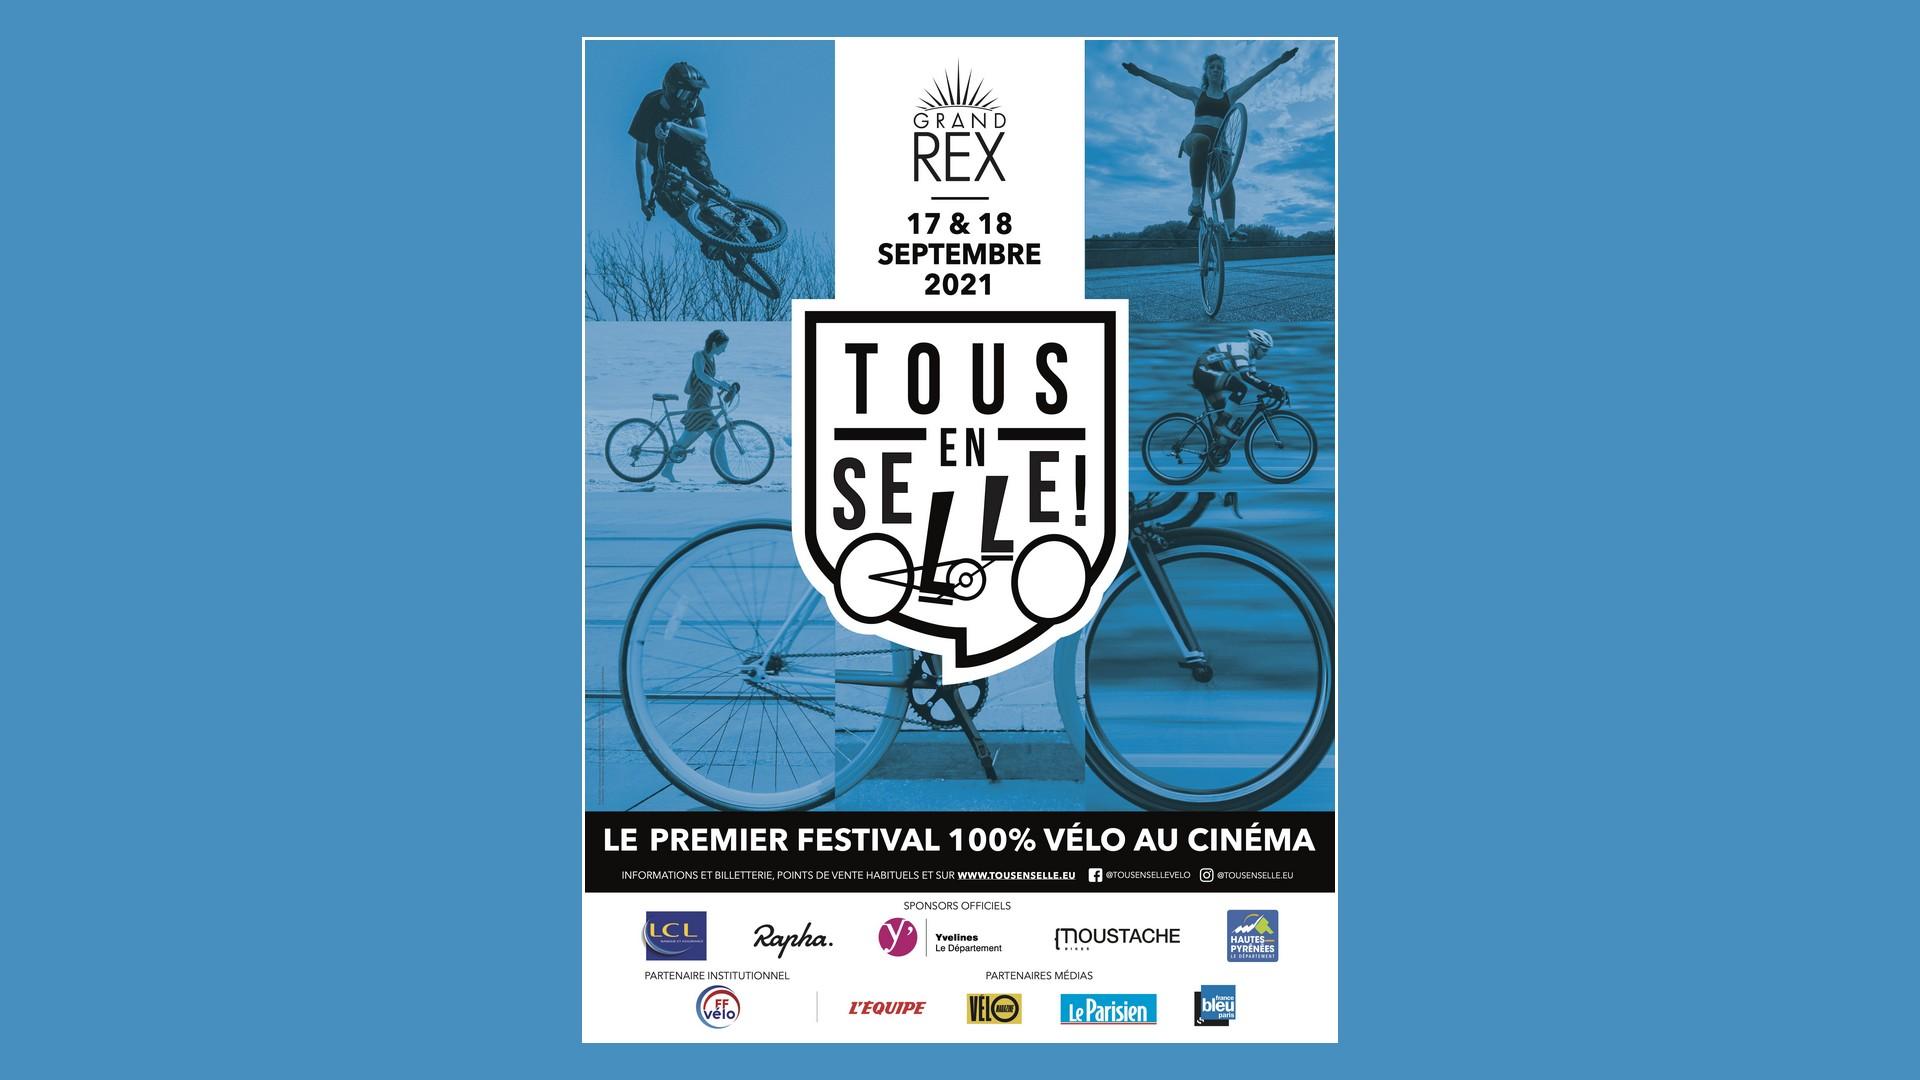 Cyclisme Festival Tous en Selle